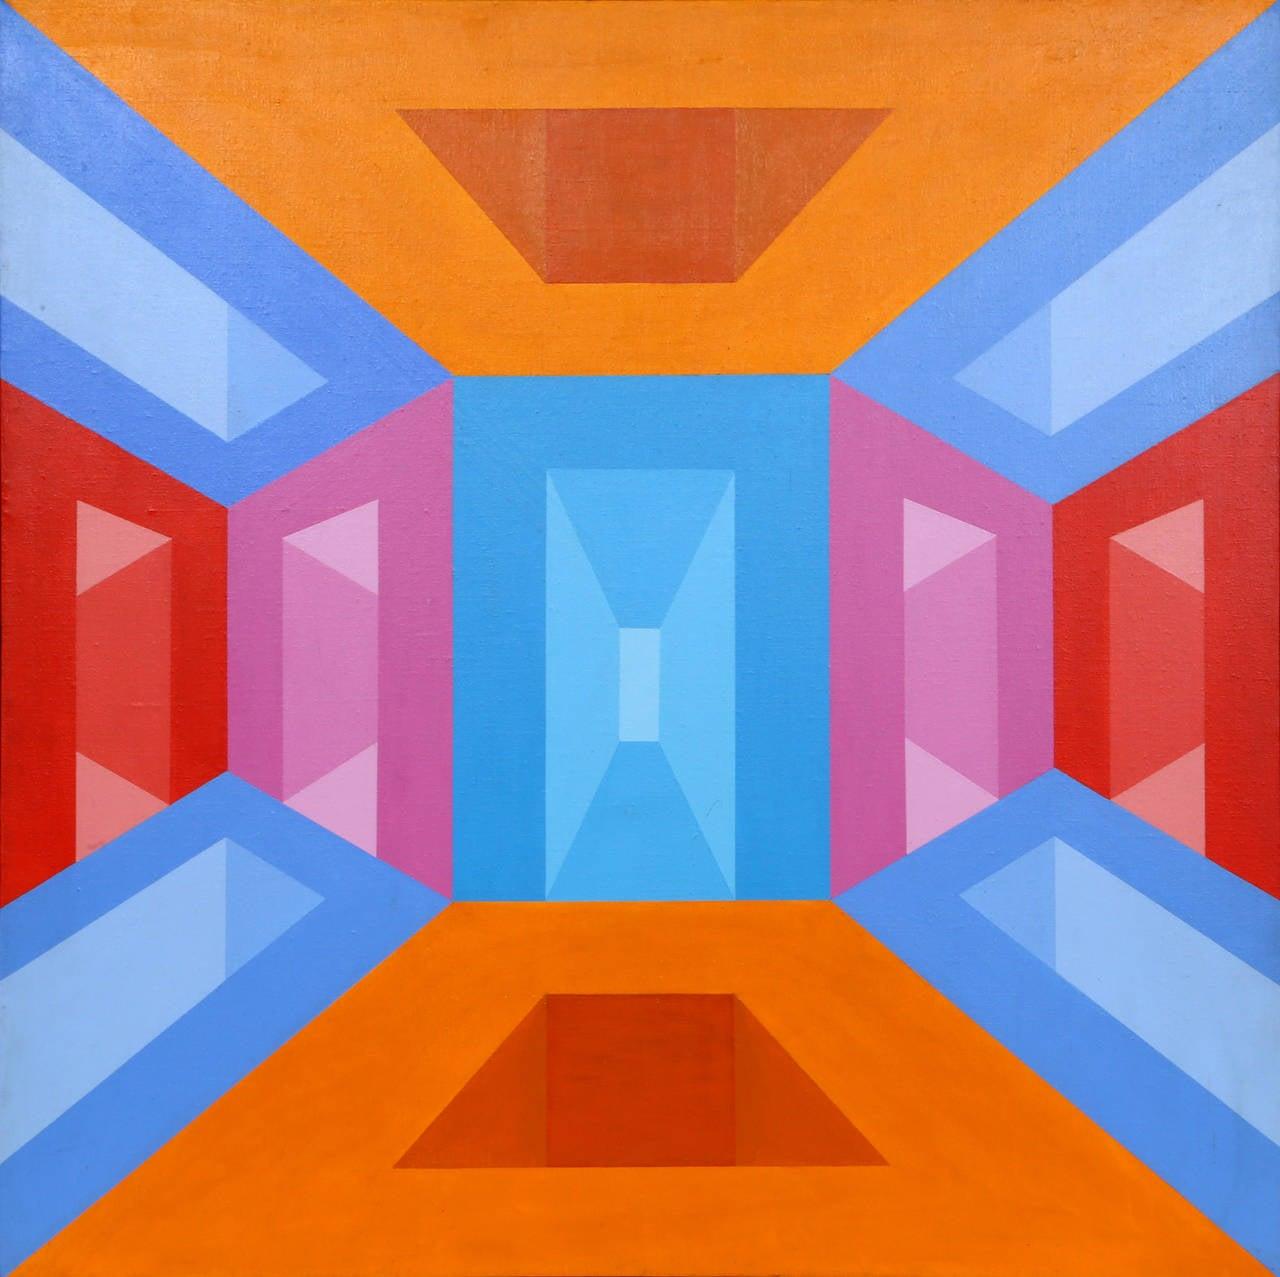 Portals, OP Art Painting by Roy Ahlgren